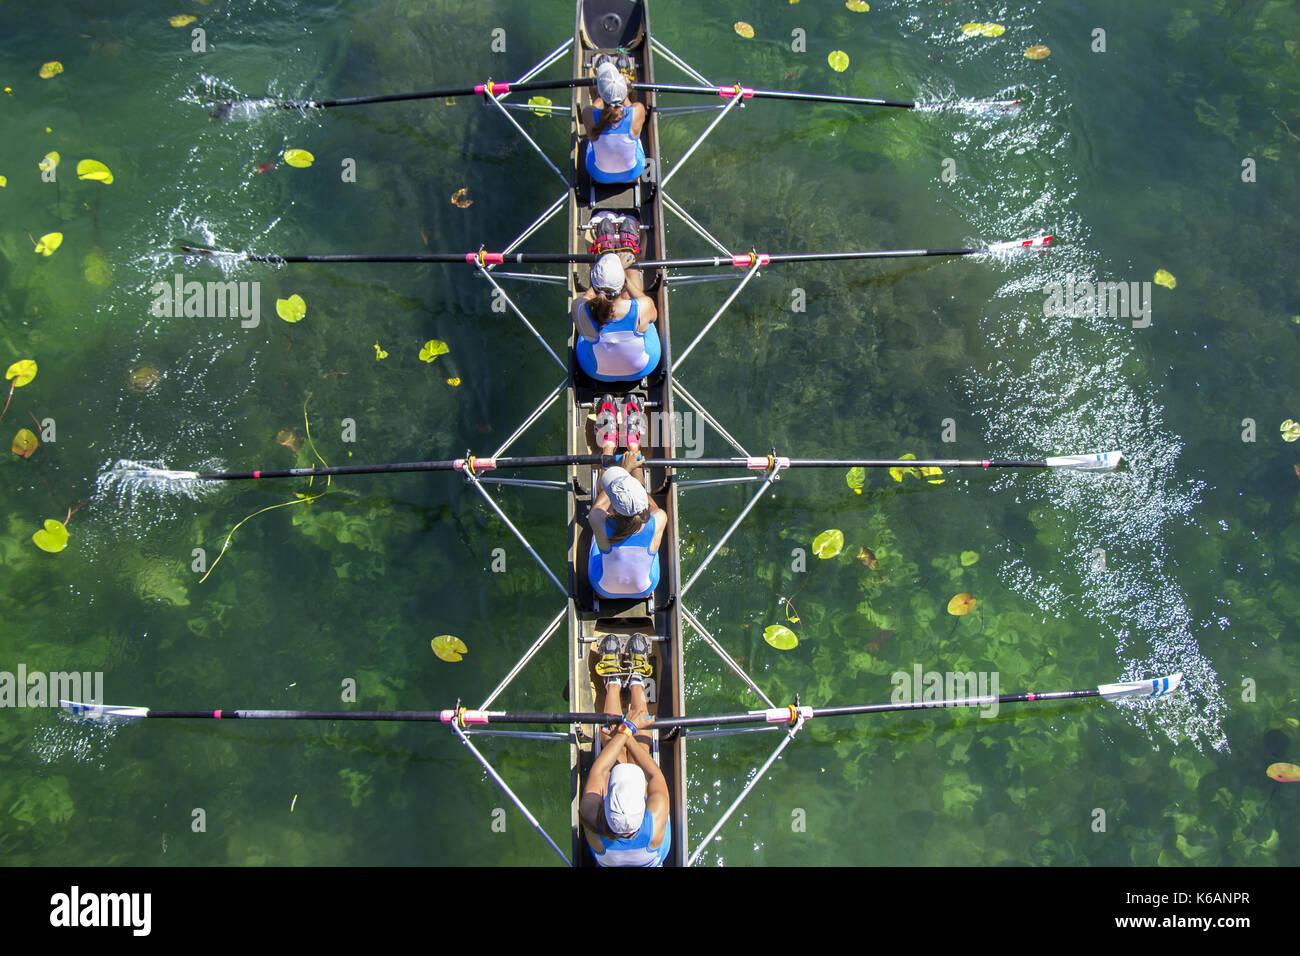 L'équipe d'aviron de mesdames fours dans la course sur le lac Photo Stock